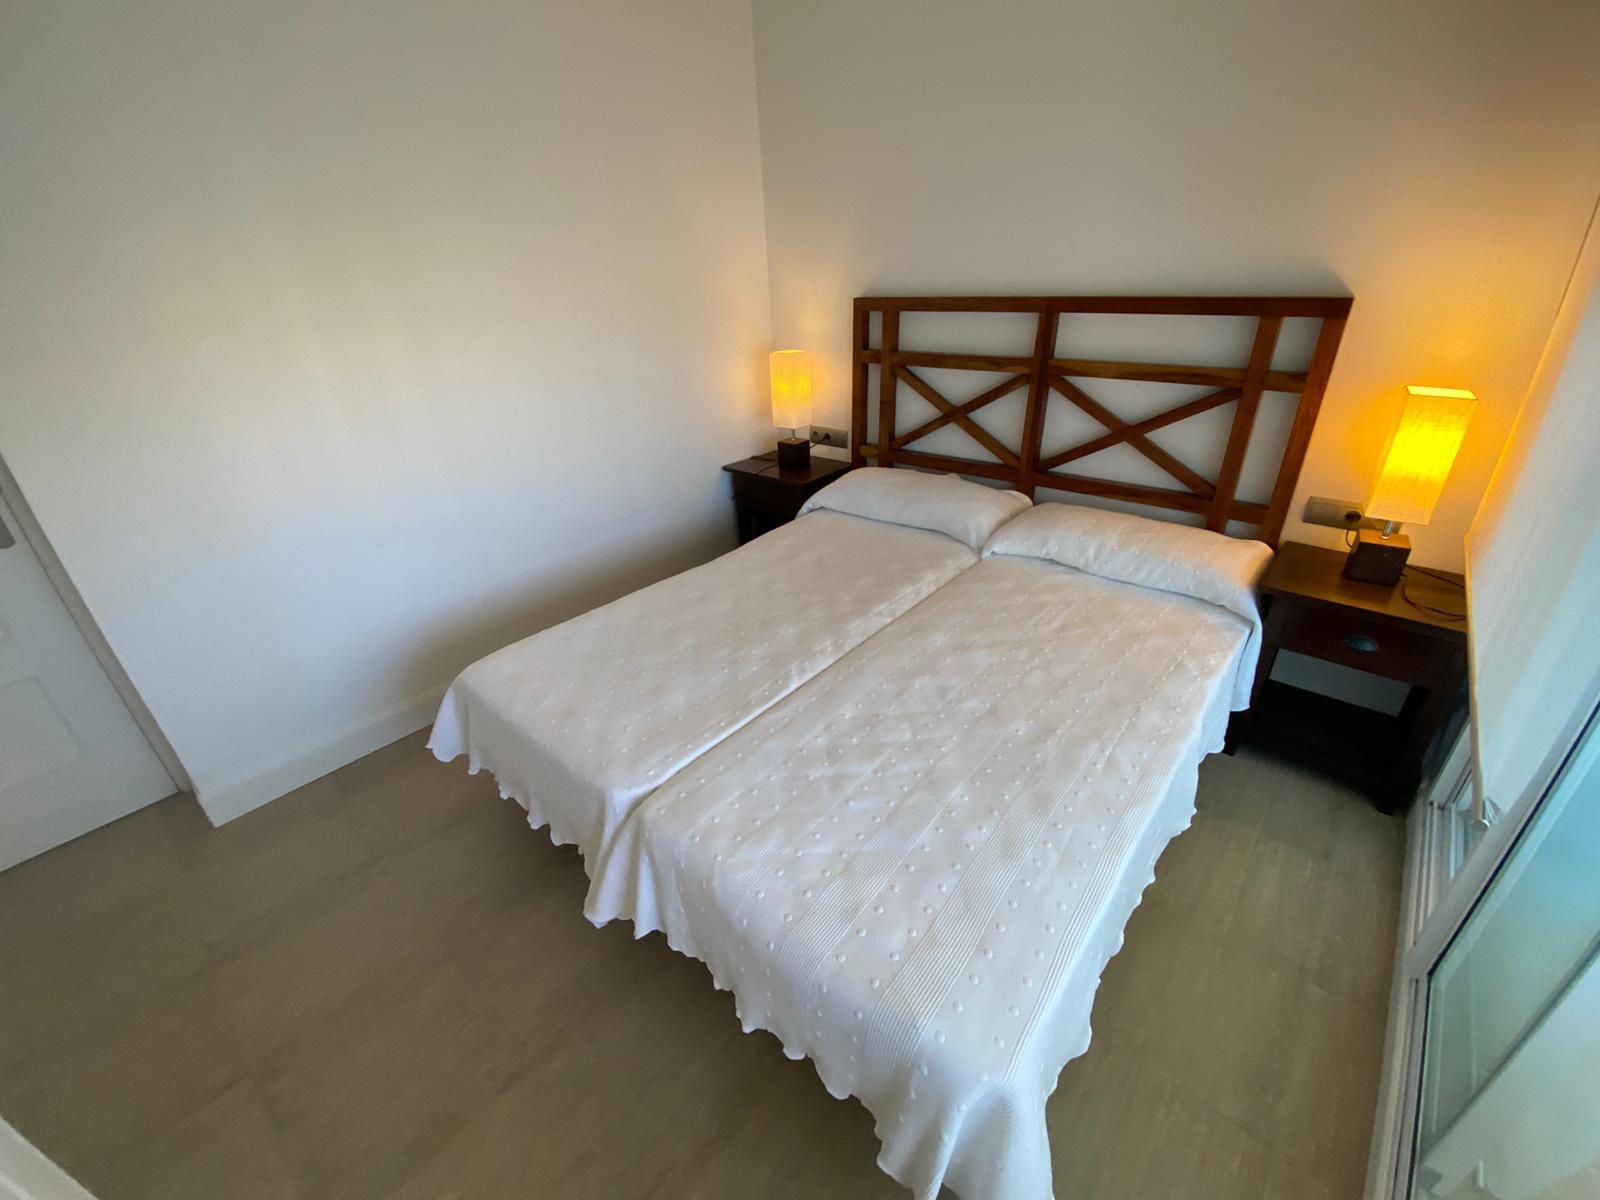 Imagen 30 del Apartamento Turístico, Ático 1 Poniente (3d+2b), Punta del Moral (HUELVA), Paseo de la Cruz nº22